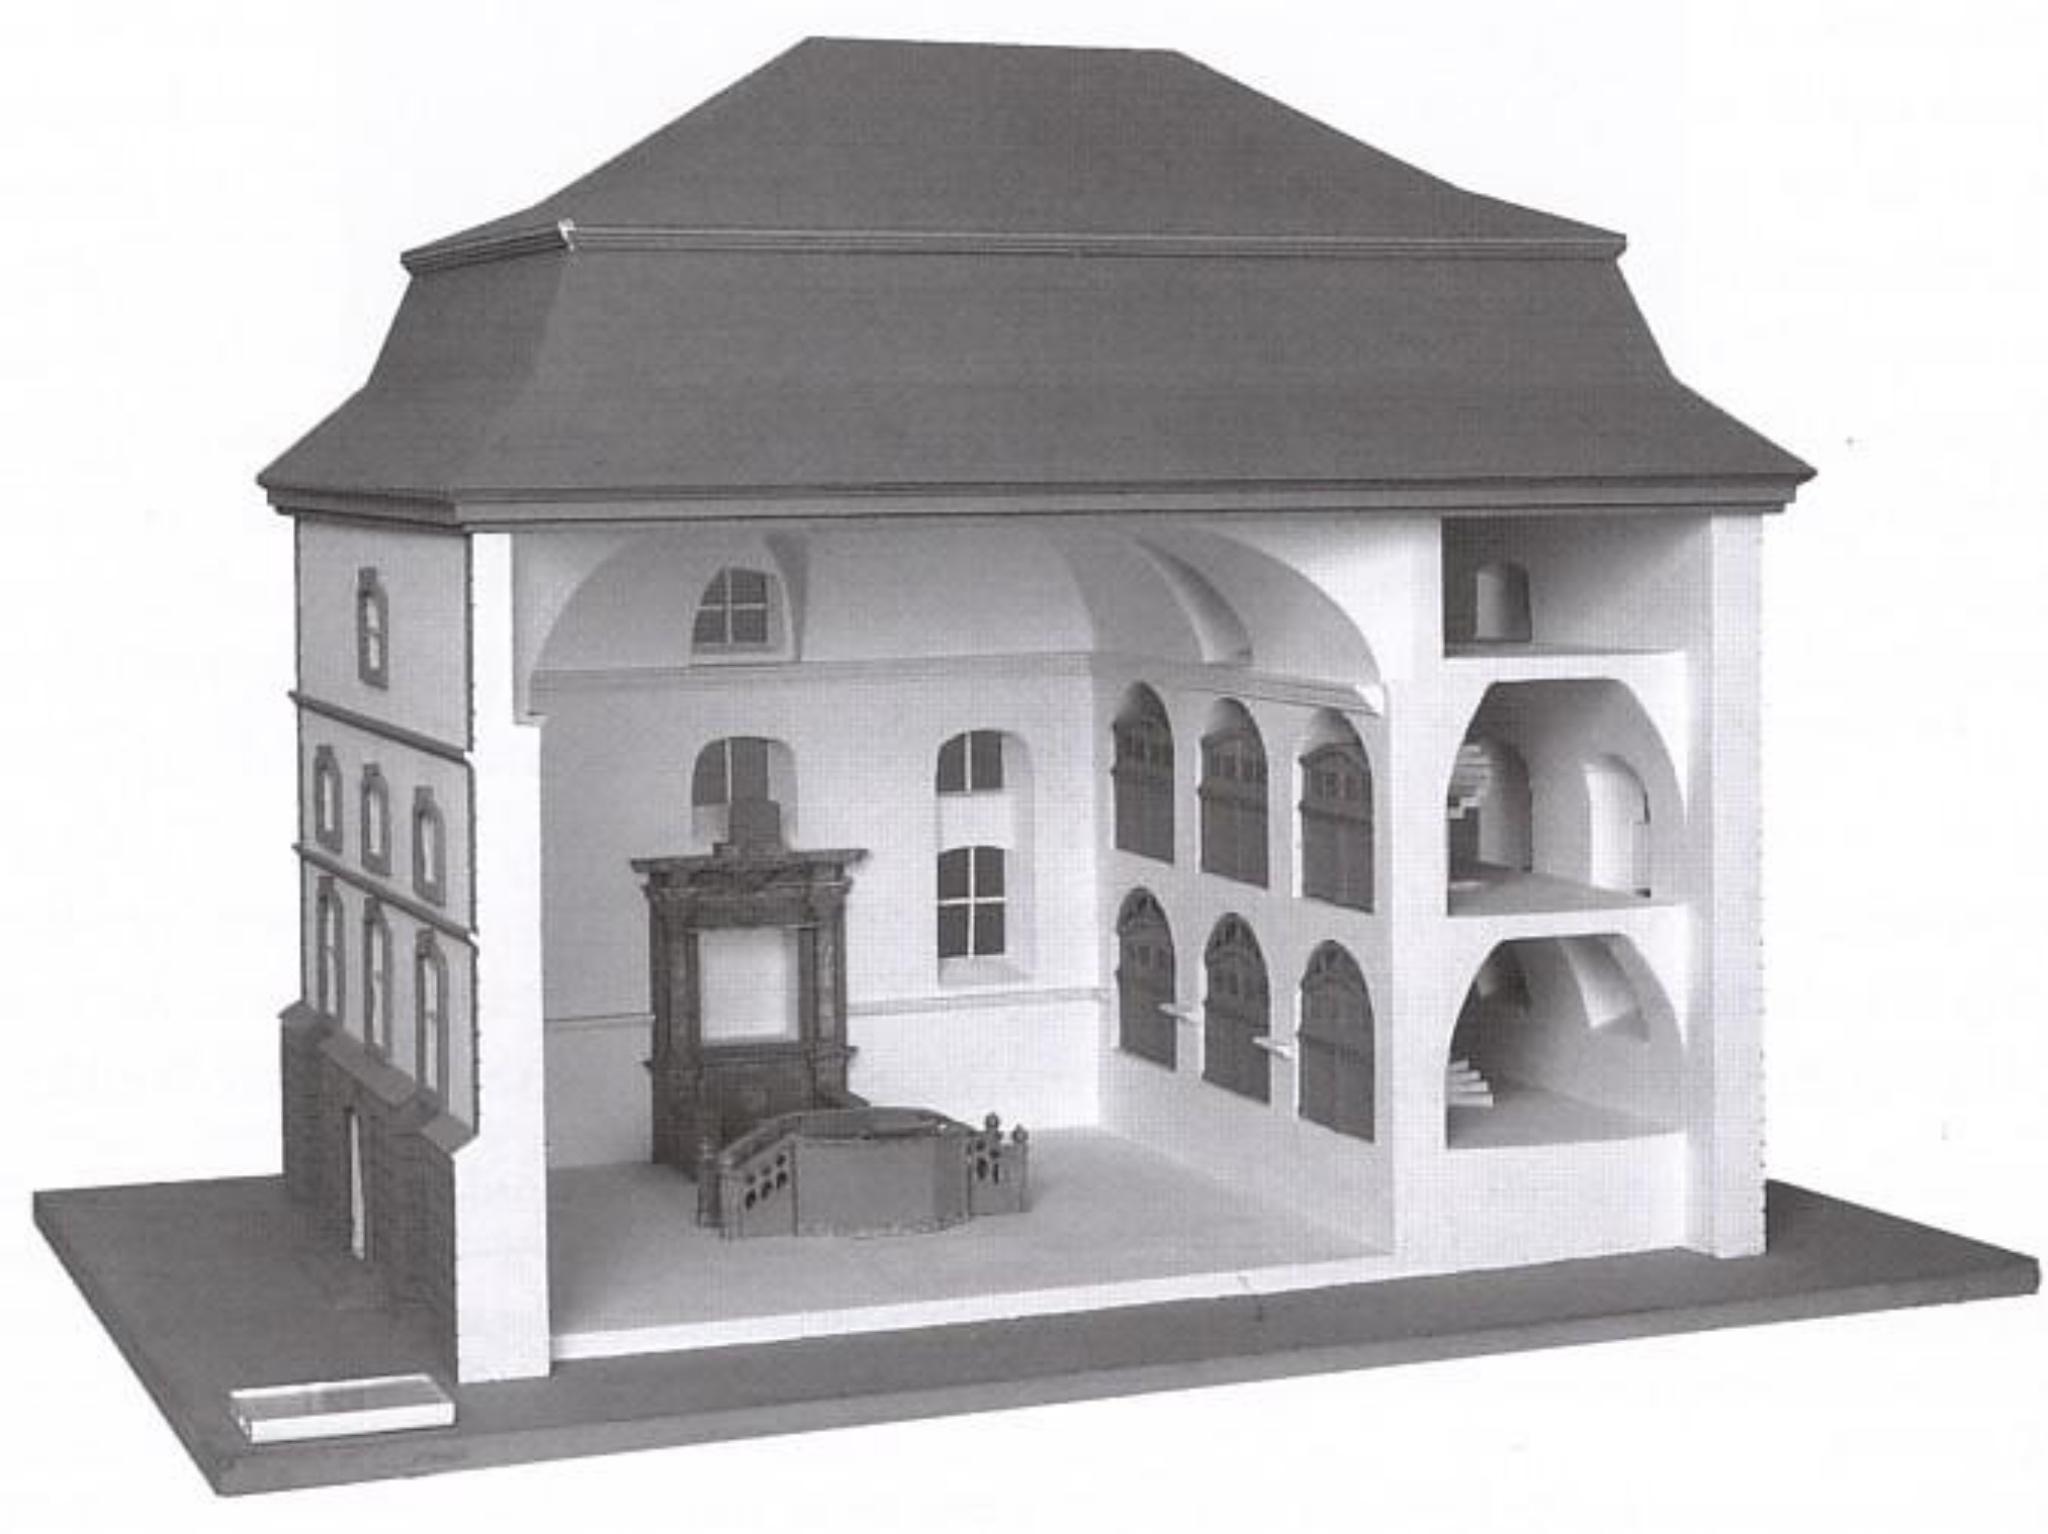 Ein Querschnitt der Heidingsfelder Synagoge. Archiv: Willi Dürrnagel